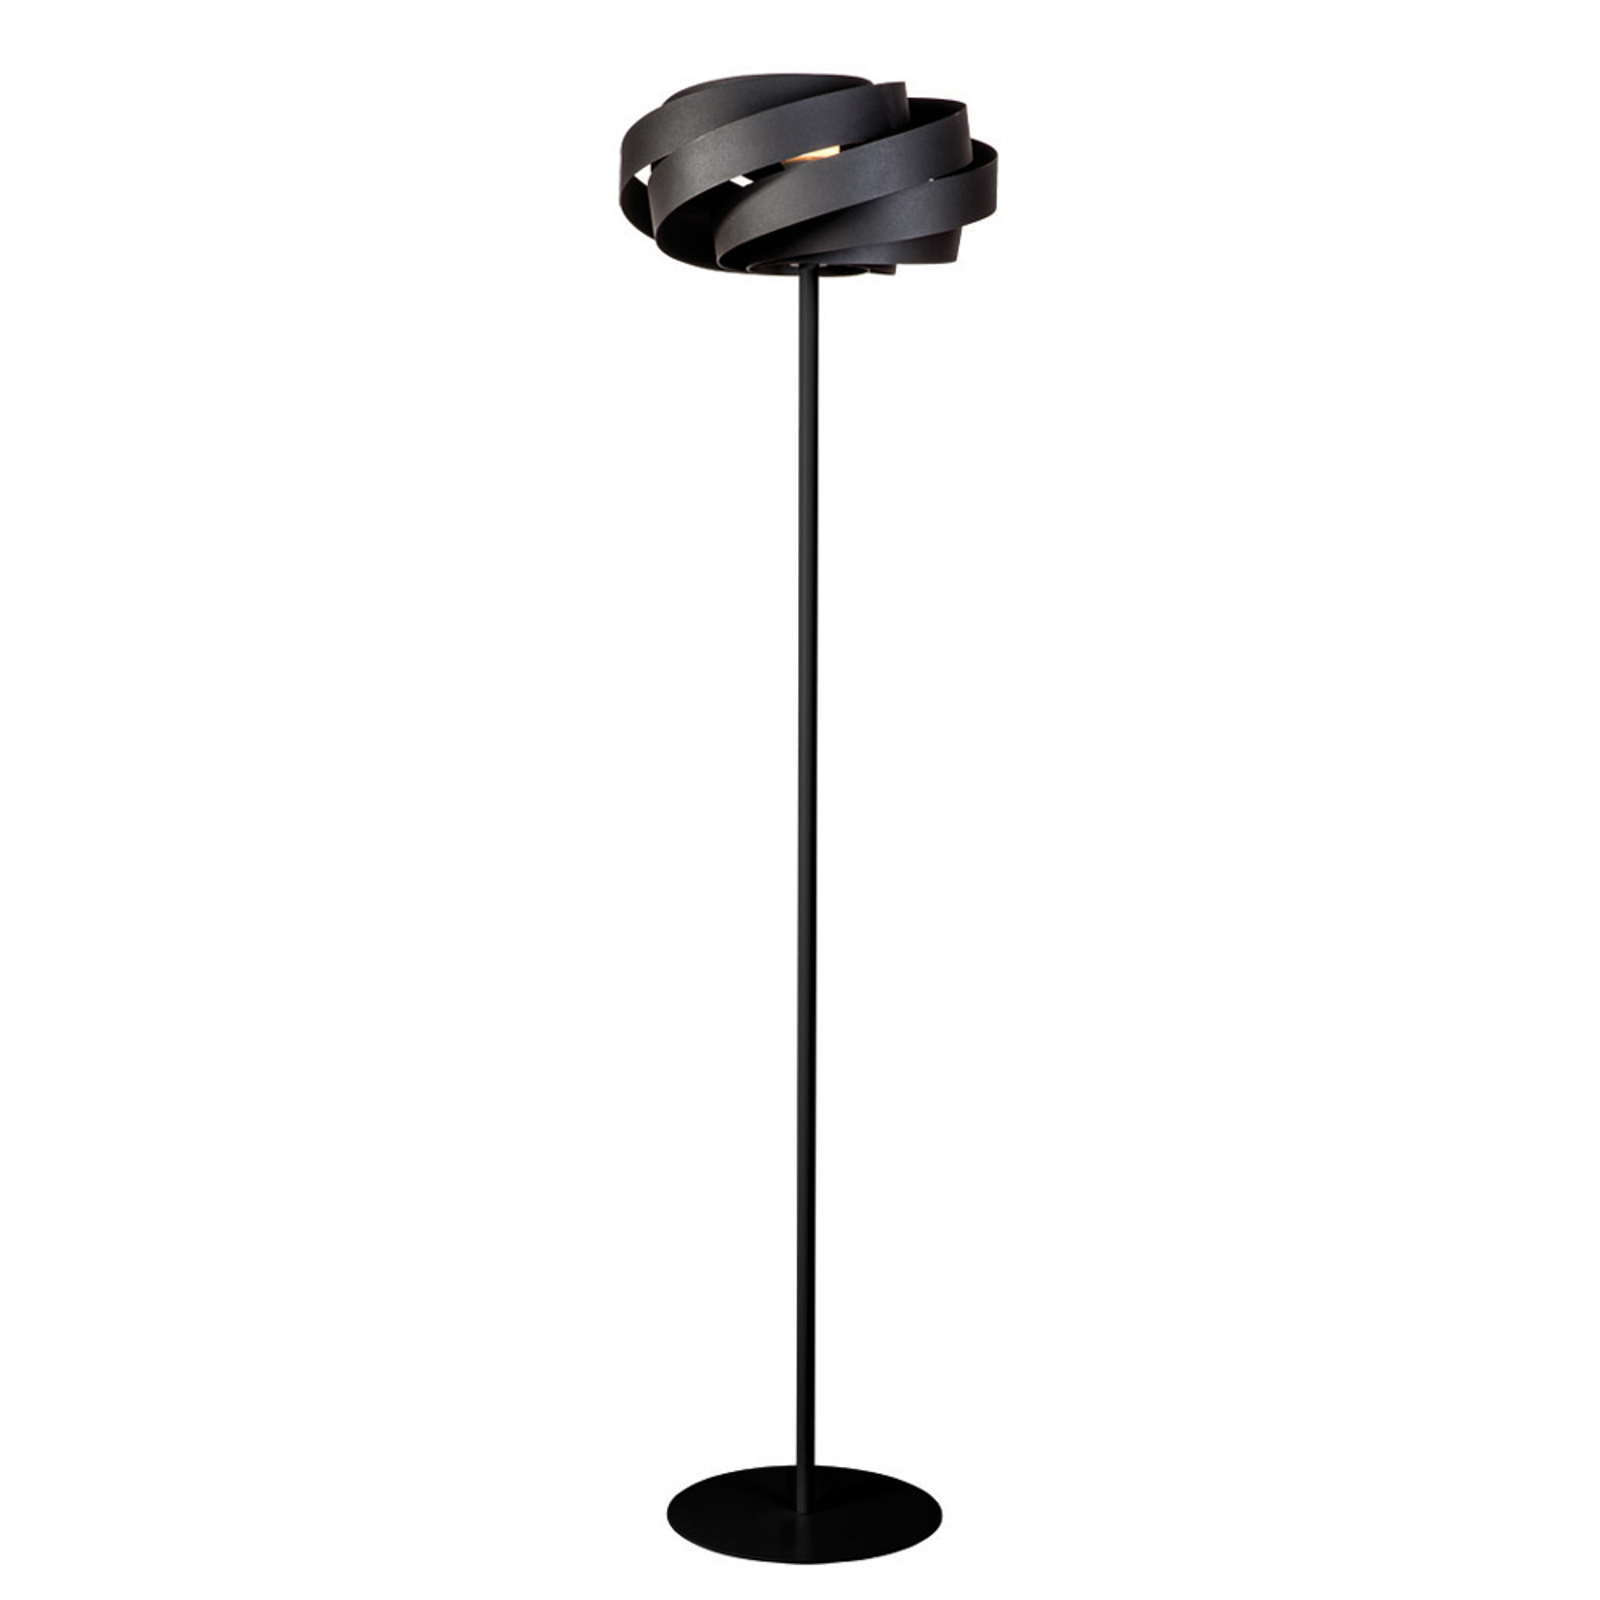 Vloerlamp Vento in zwart